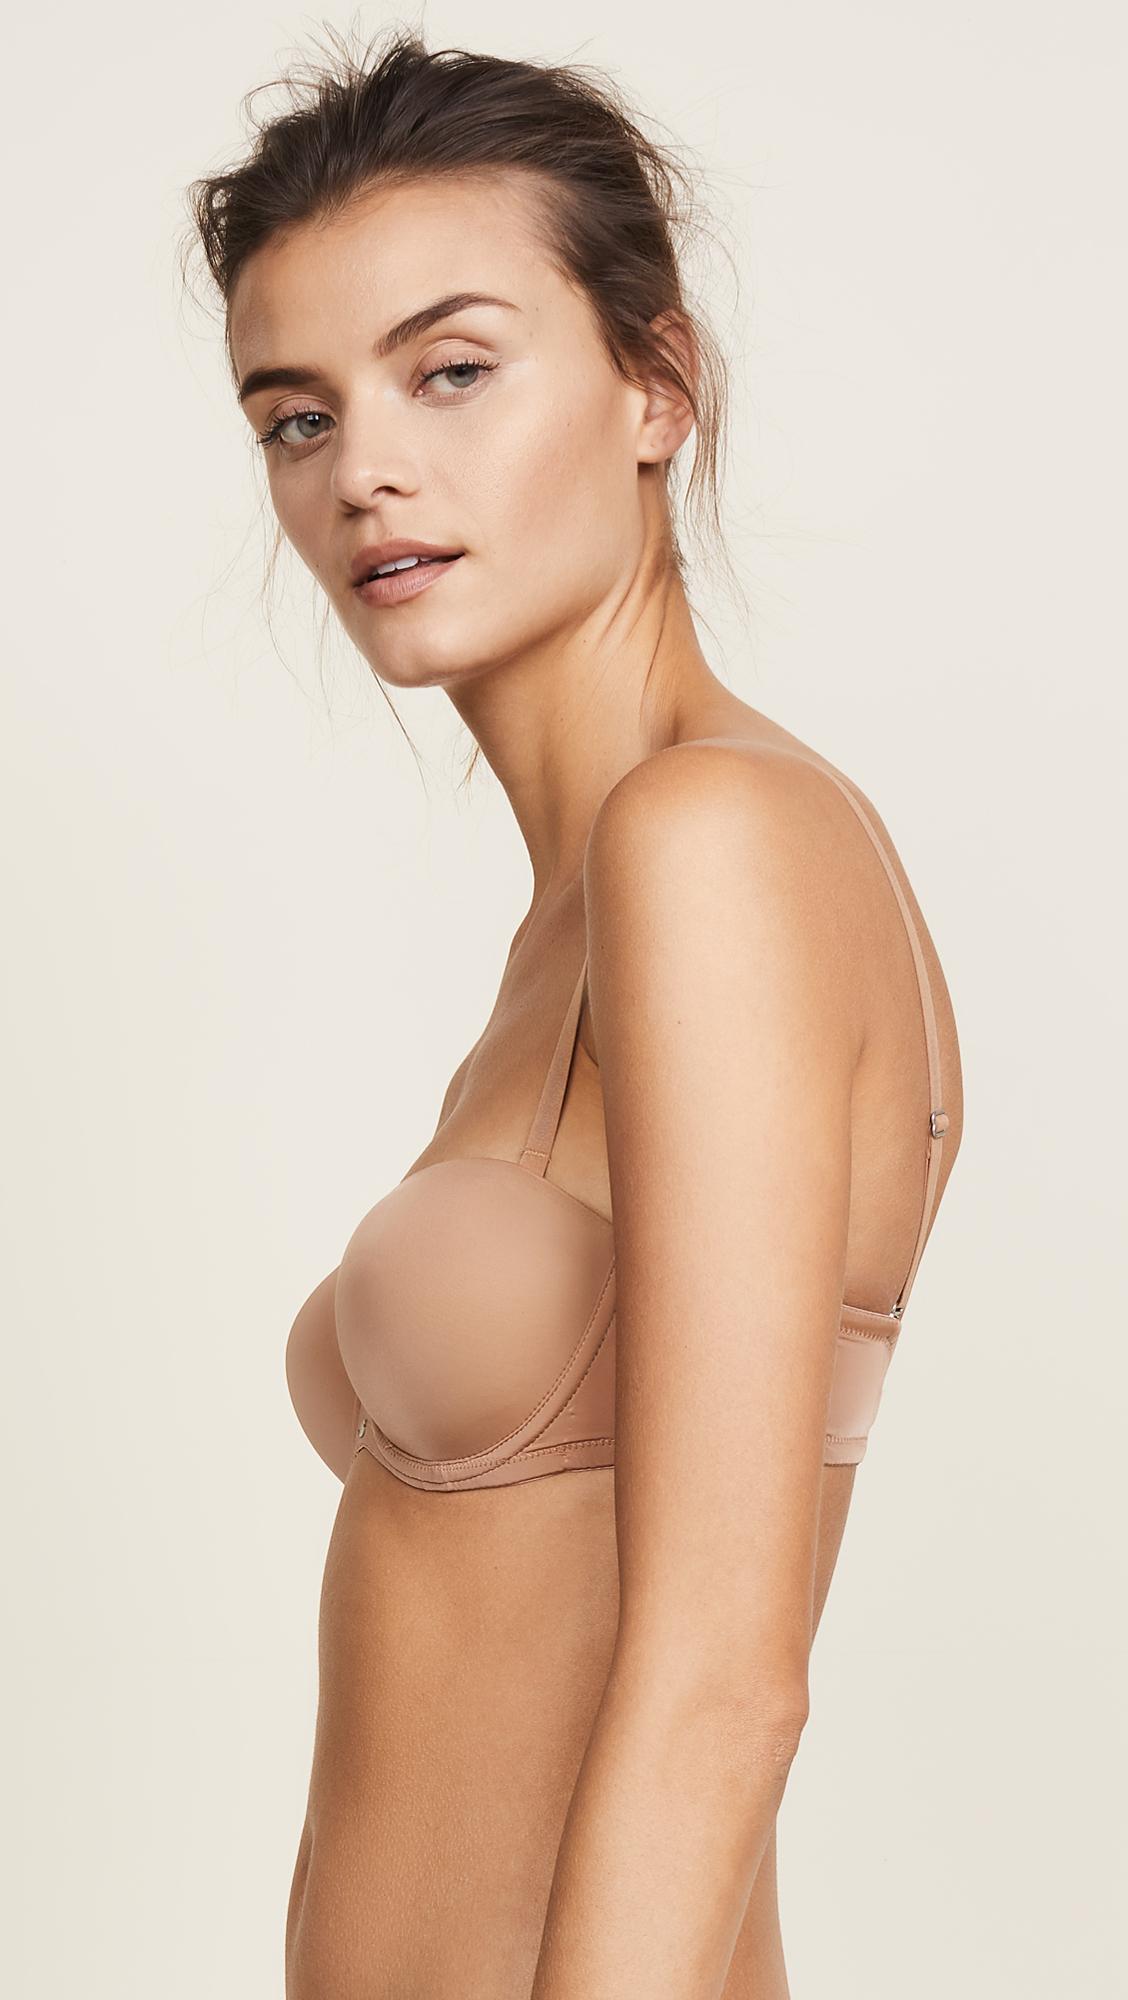 dfaf561e6c2b4 Calvin Klein Underwear Naked Glamour Strapless Push Up Bra